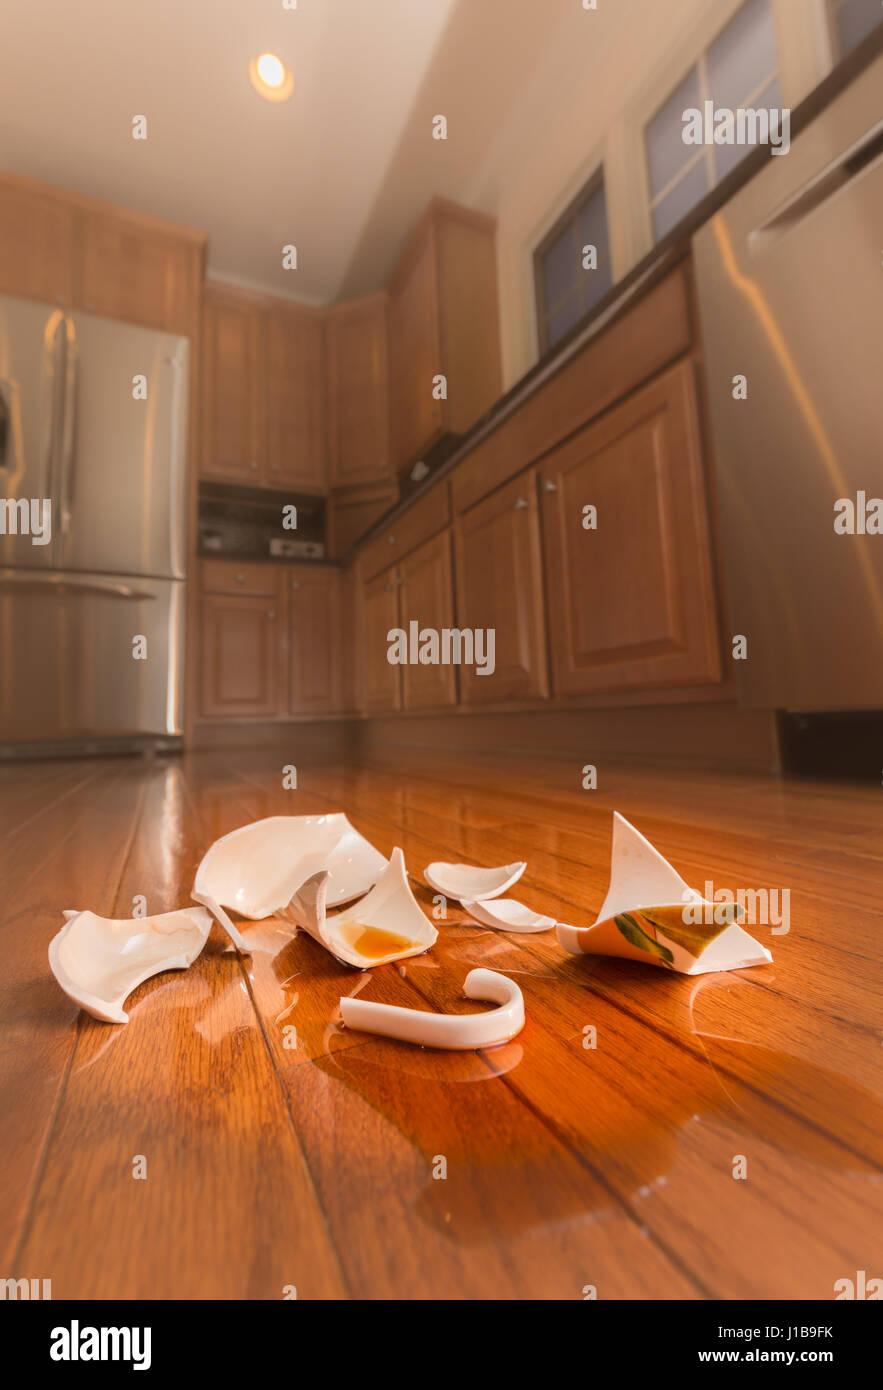 Café tasse brisée sur le plancher de cuisine moderne - la violence domestique concept Photo Stock